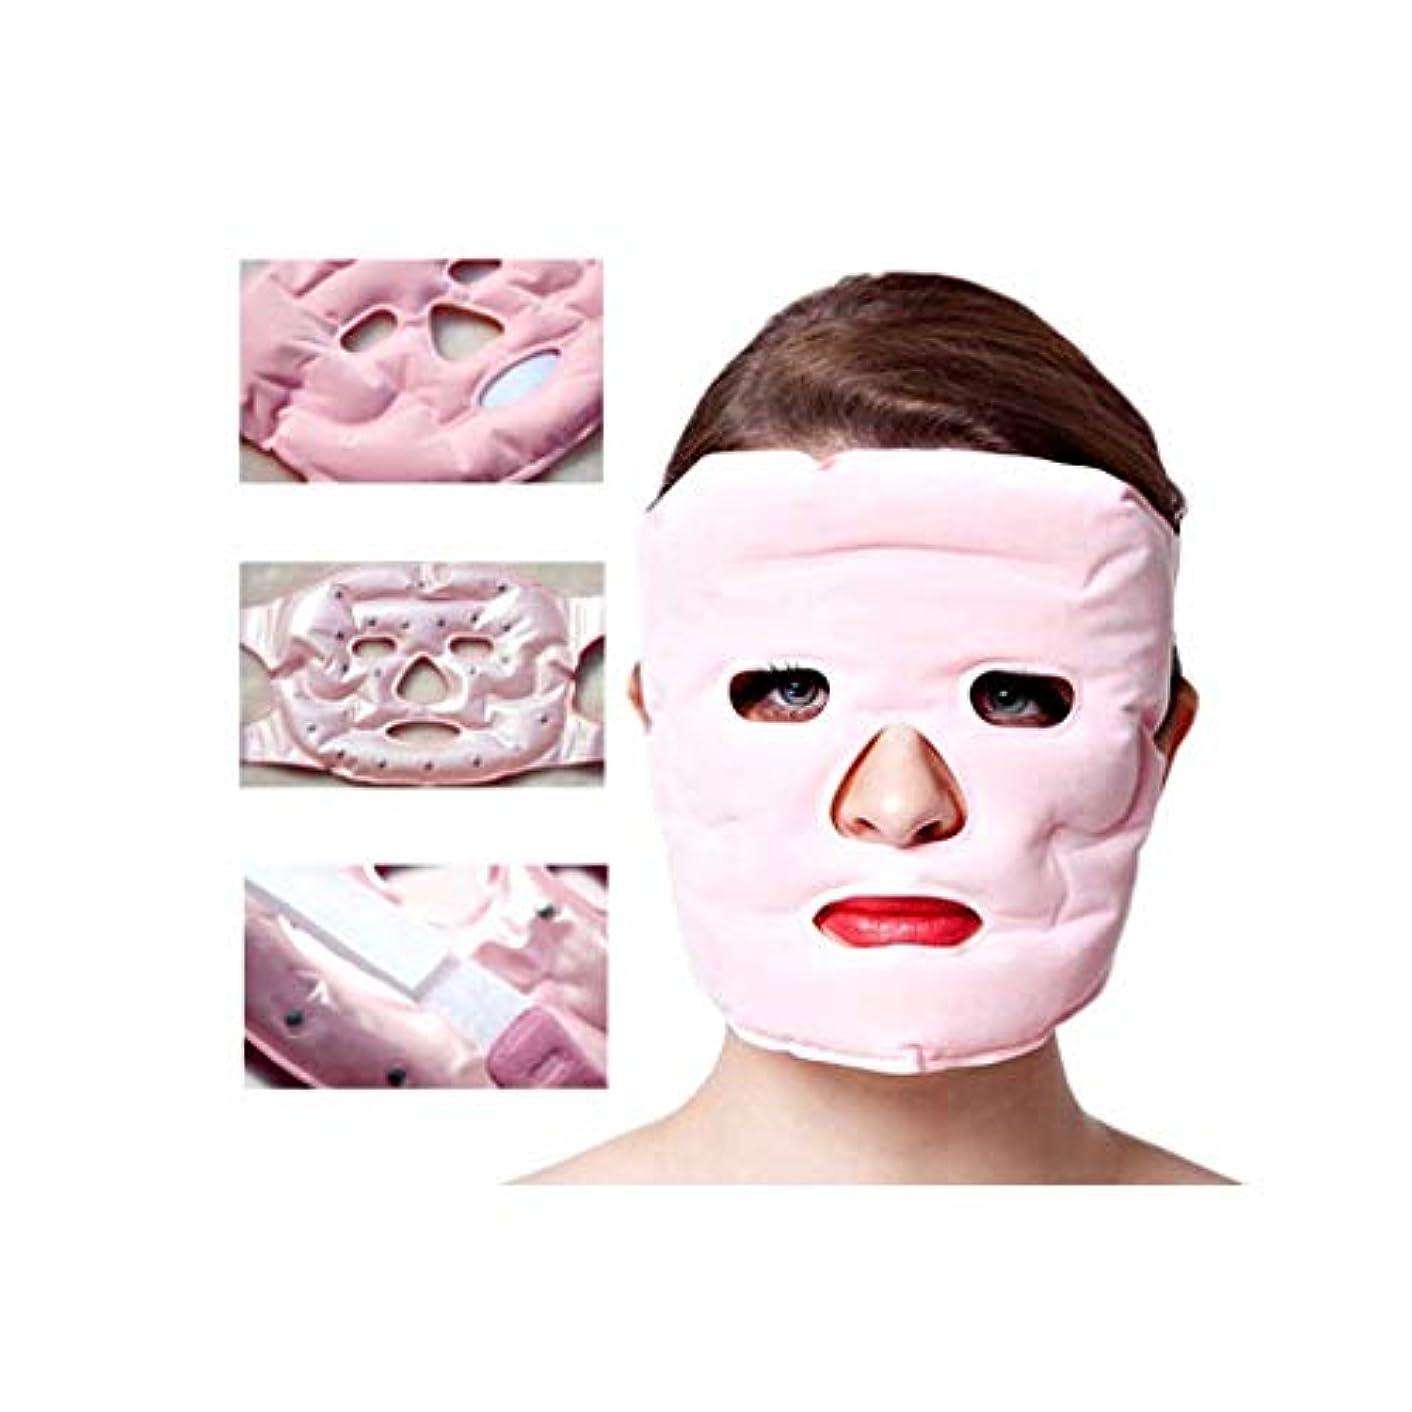 バラ色クラック切り下げXHLMRMJ フェイシャルスリミング、Vフェイスマスク、フェイスリフティングビューティーマスク、磁気療法リフティングフェイス、肌の状態を改善するための肌の頬の引き締め